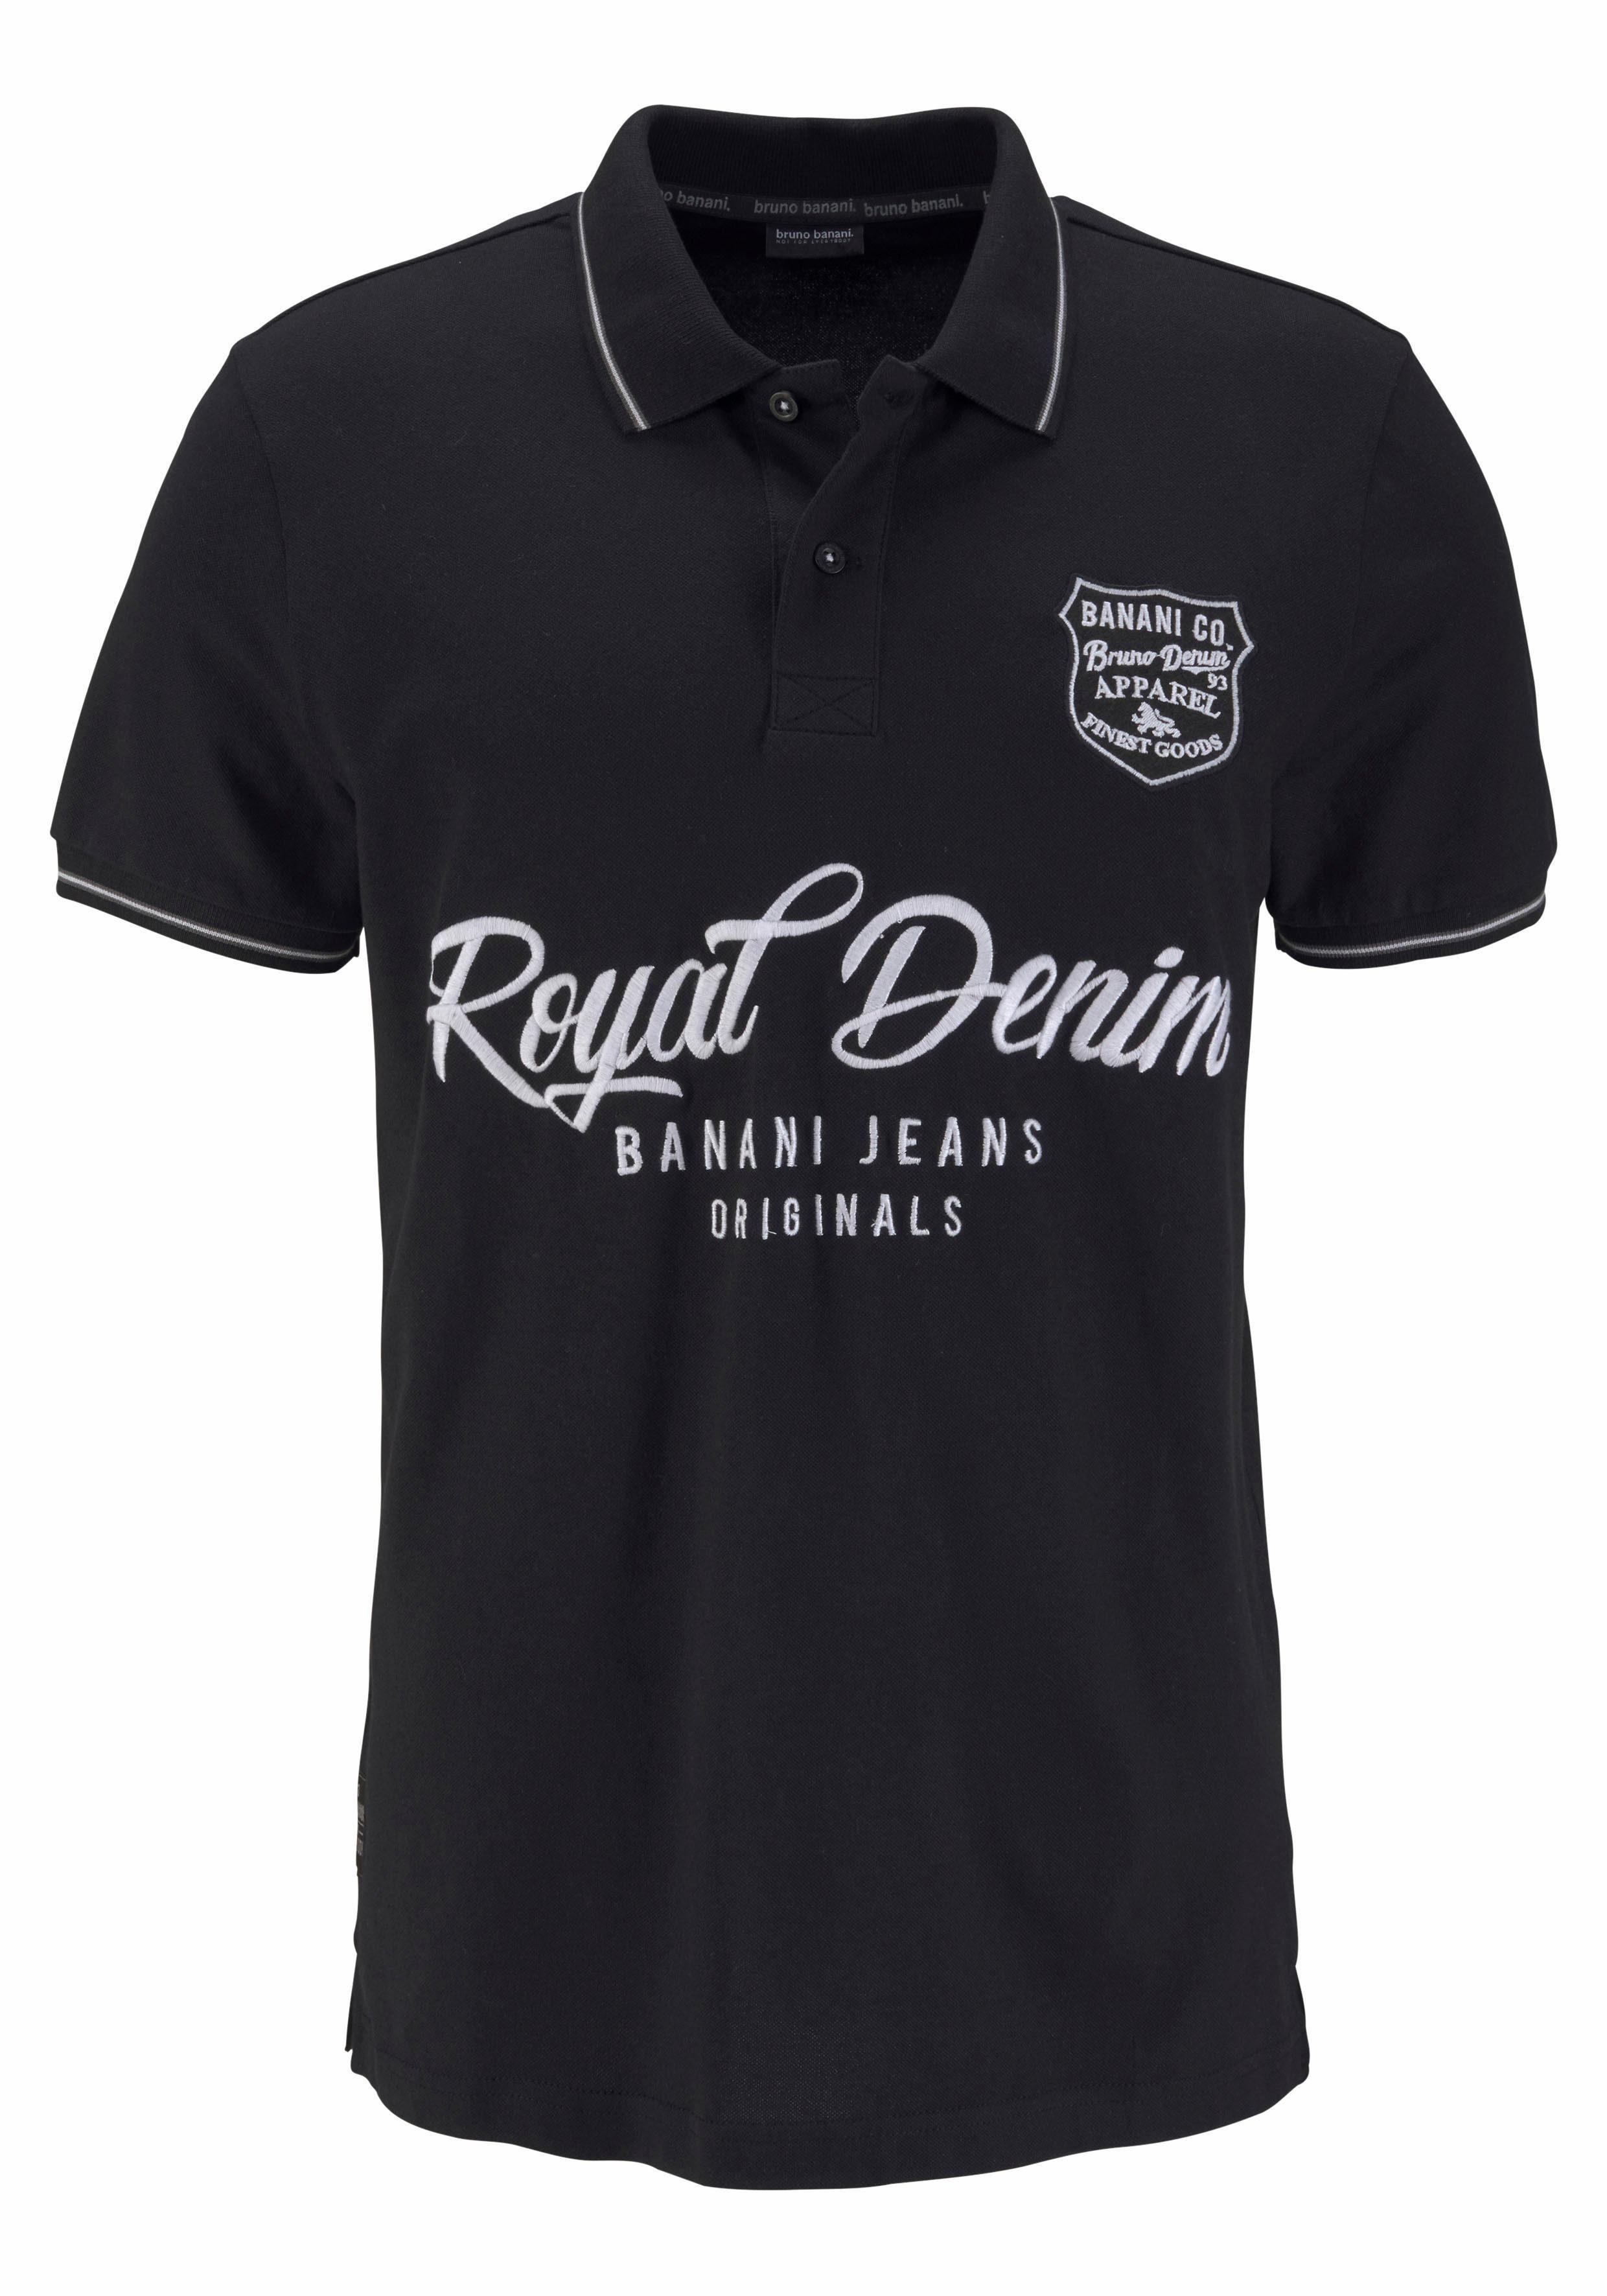 Kaufen Poloshirt Piqué Vorne qualitätHochwertige Online Bruno Stickereien Banani 45Aq3jRL